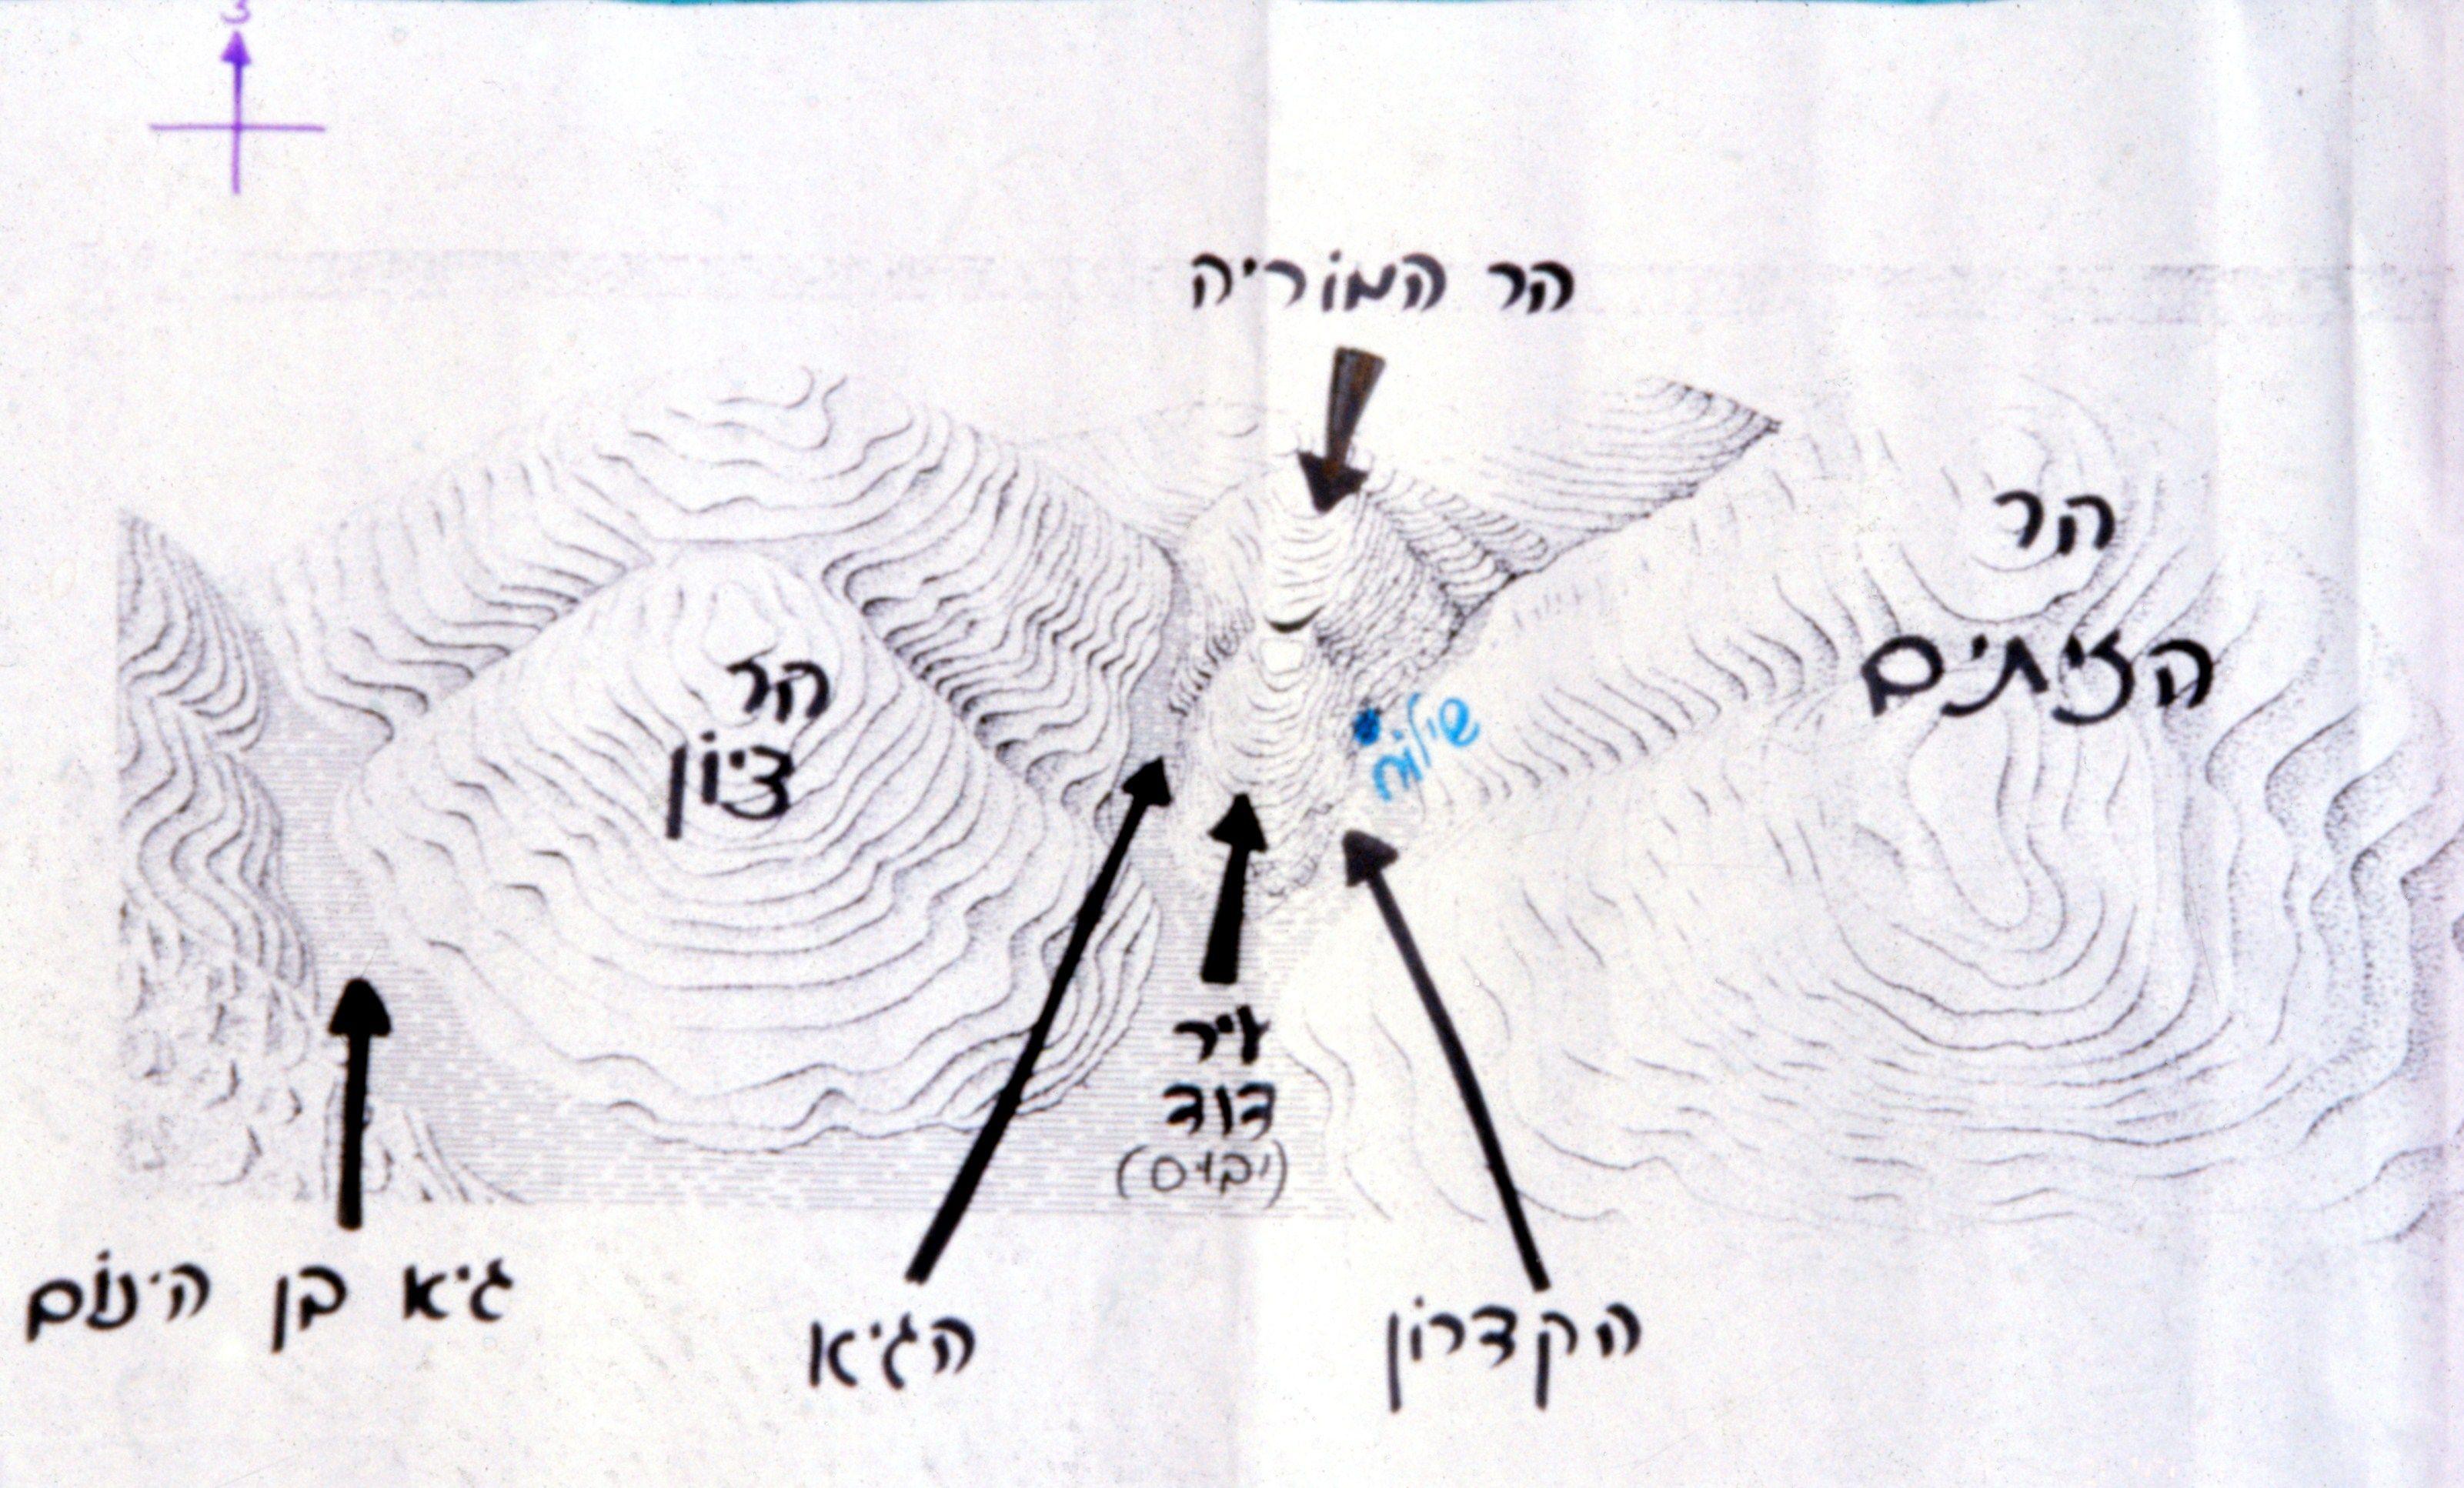 מבנה אזור עיר דוד